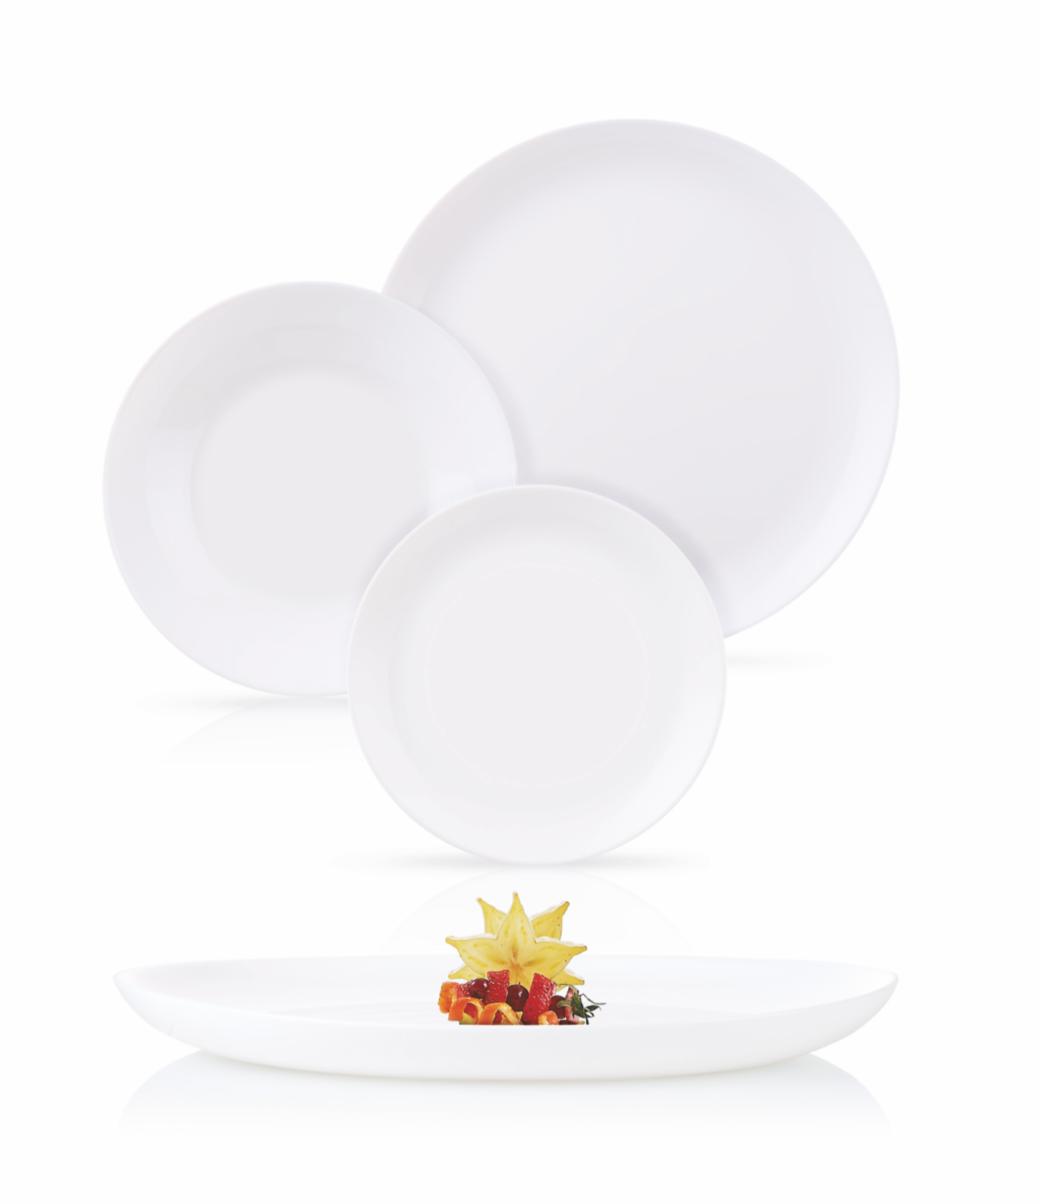 Столовый сервиз Luminarc Diwali White 19 предметов